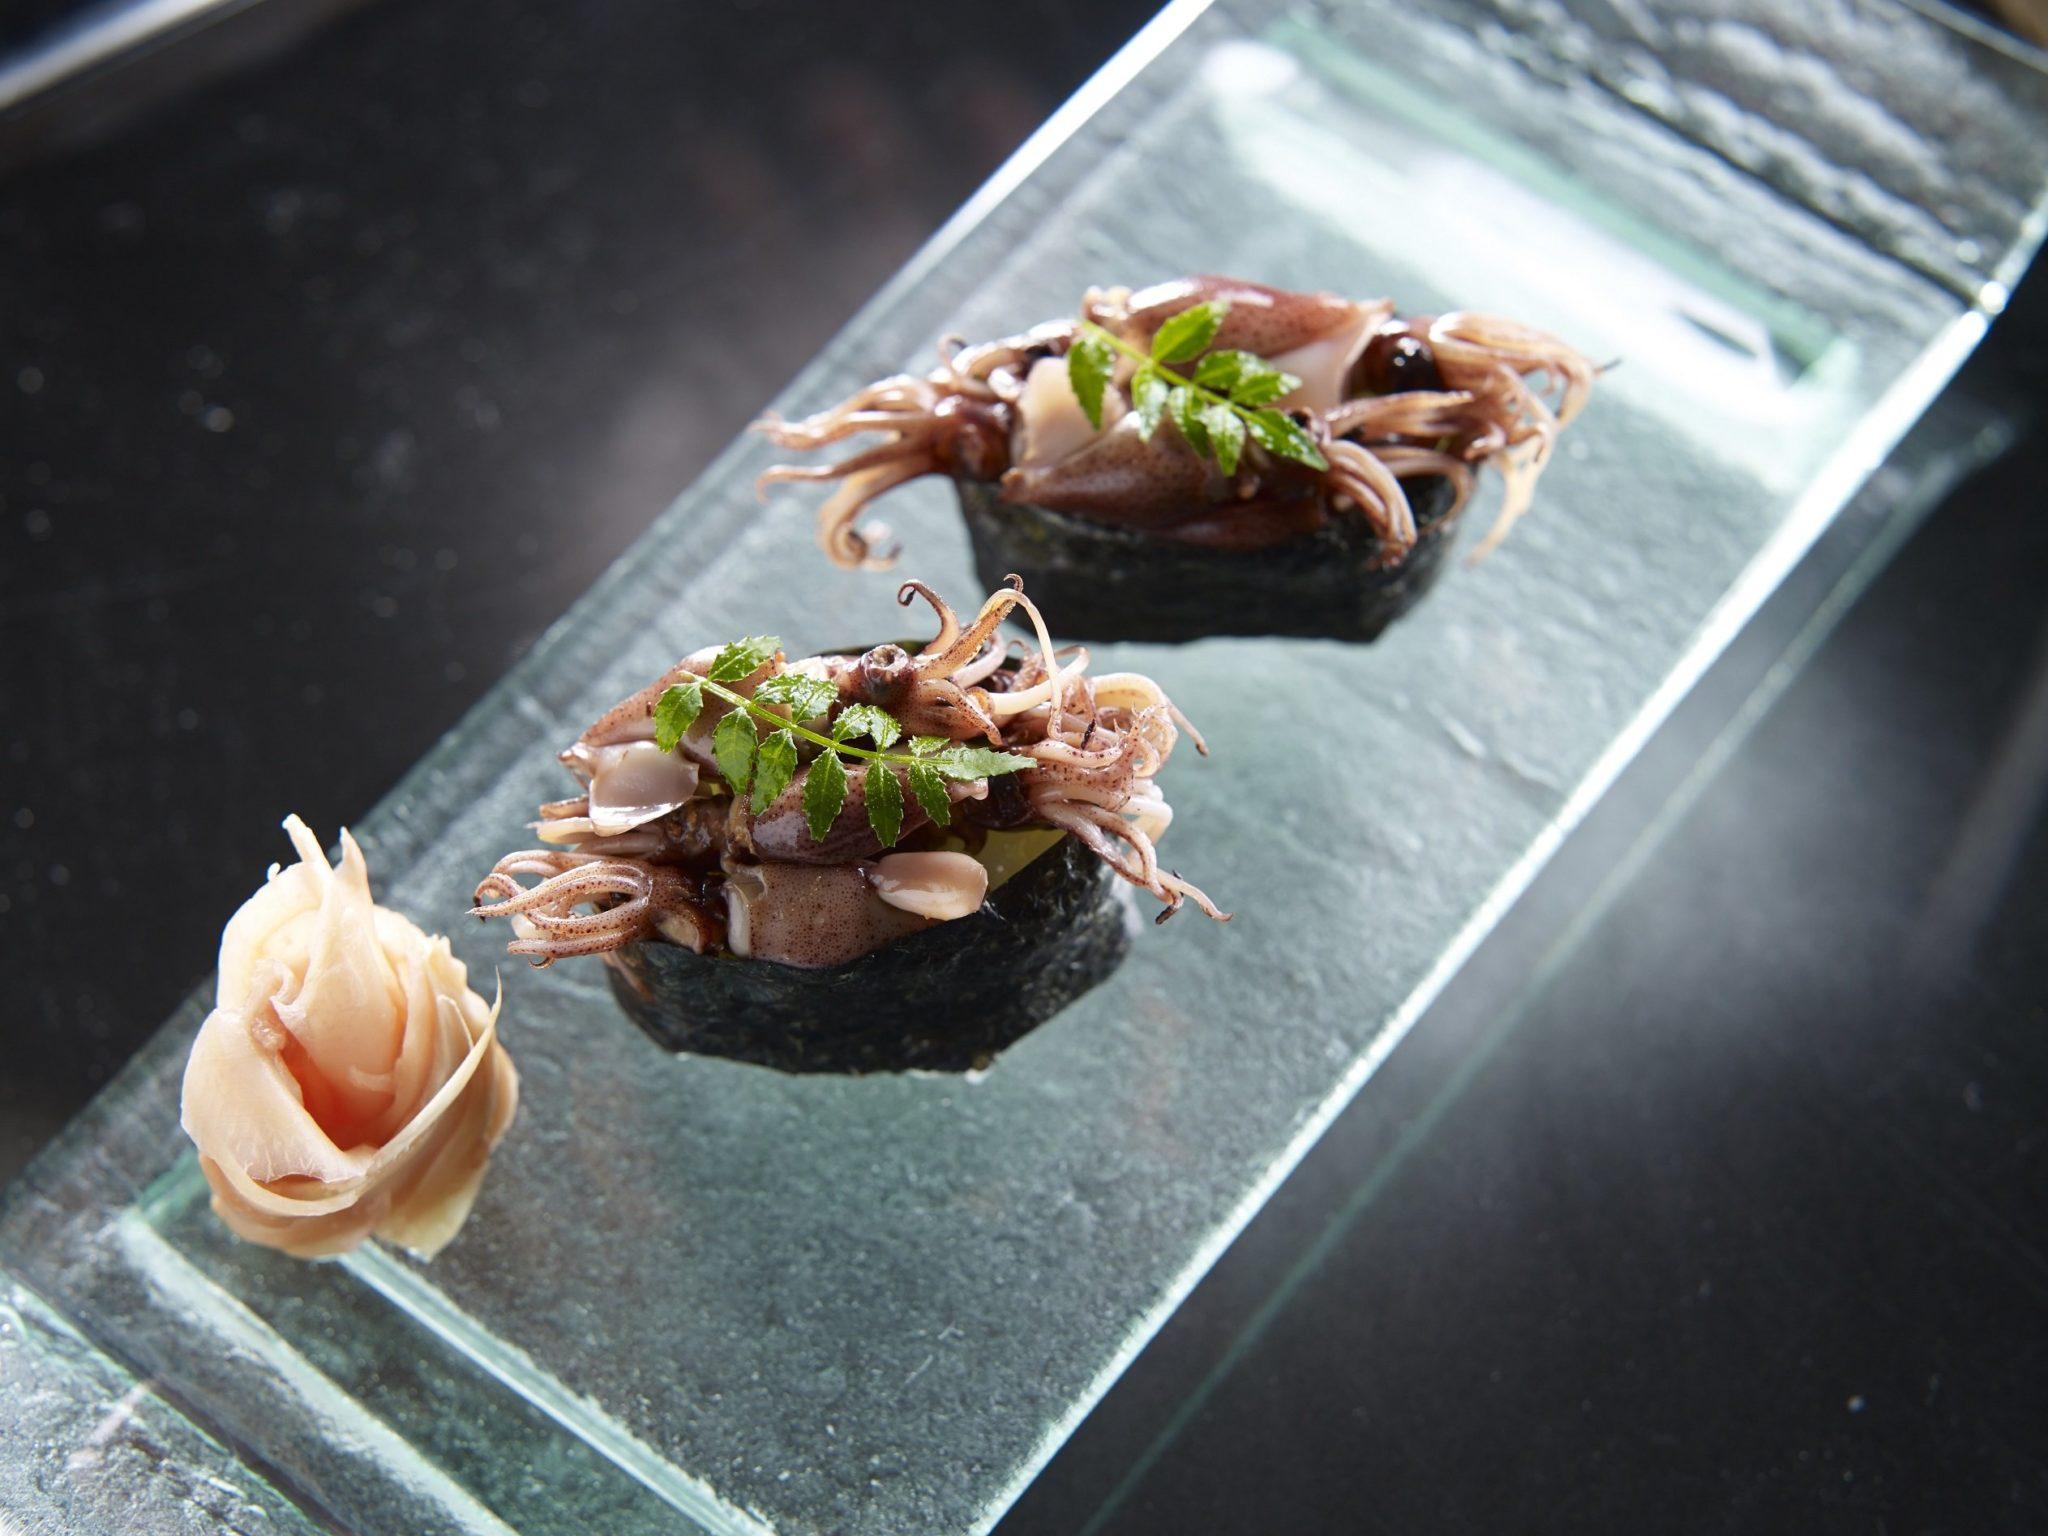 เชิญลิ้มลองความอร่อยประจำฤดูกาลจากเมนูปลาหมึกหิ่งห้อยและเมนูหน่อไม้ญี่ปุ่น